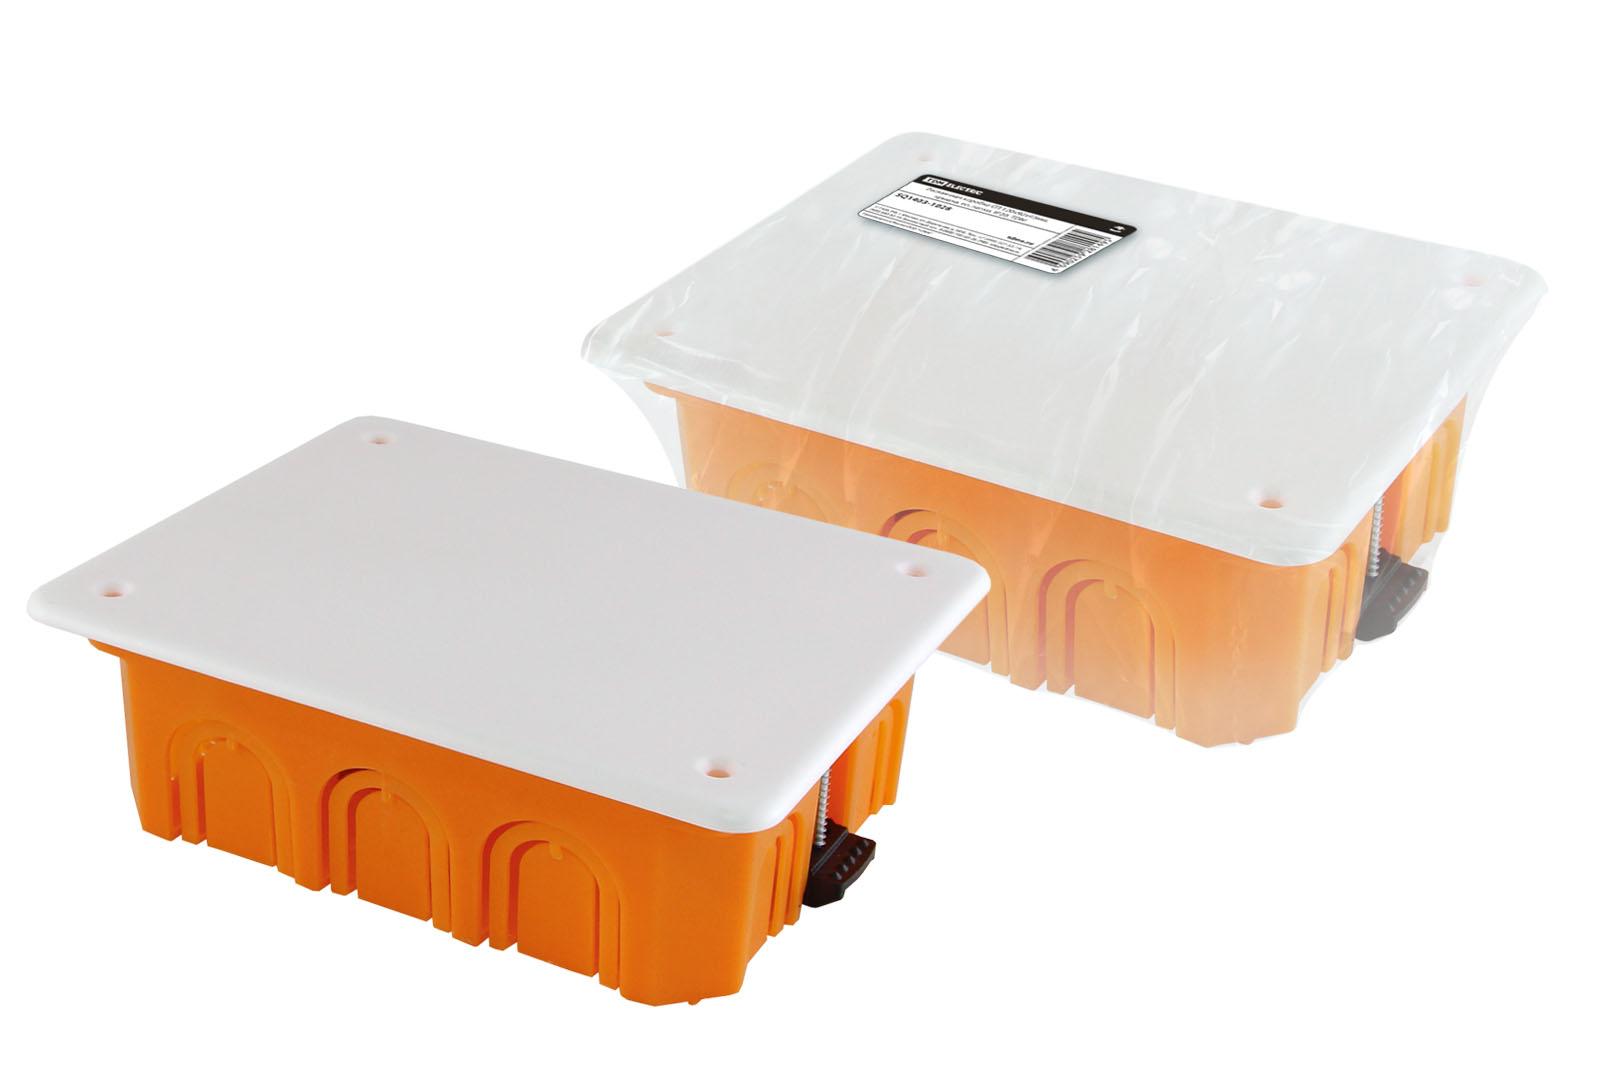 Фото Распаячная коробка СП 120х92х45мм, крышка, пл. лапки, IP20, инд. штрихкод, TDM {SQ1403-1028}